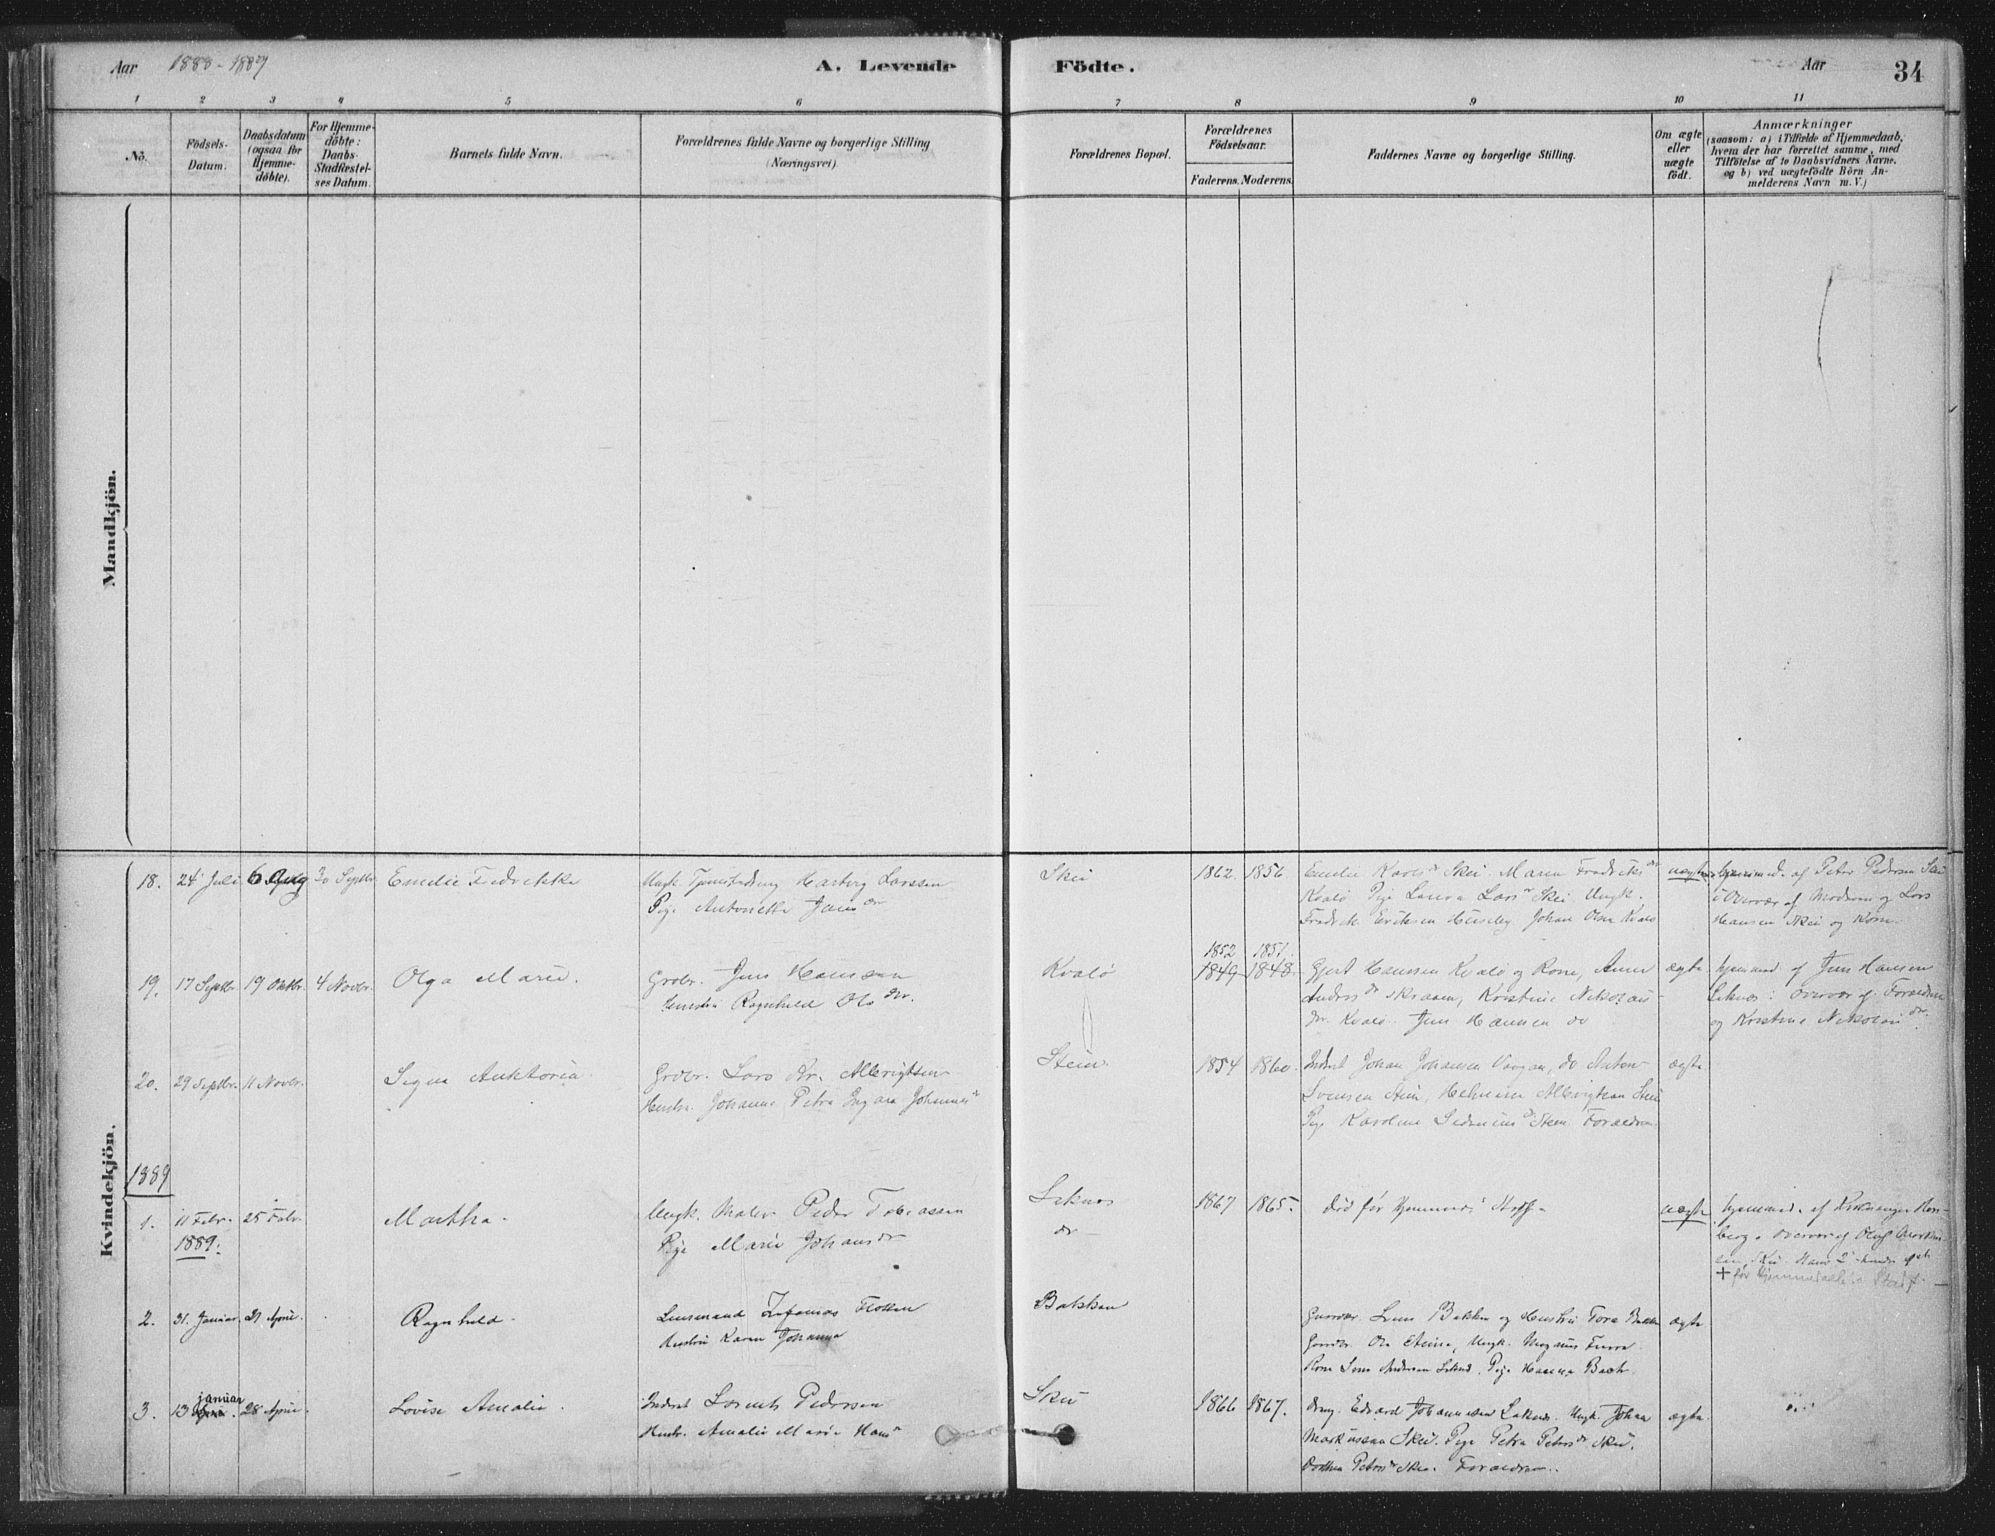 SAT, Ministerialprotokoller, klokkerbøker og fødselsregistre - Nord-Trøndelag, 788/L0697: Ministerialbok nr. 788A04, 1878-1902, s. 34